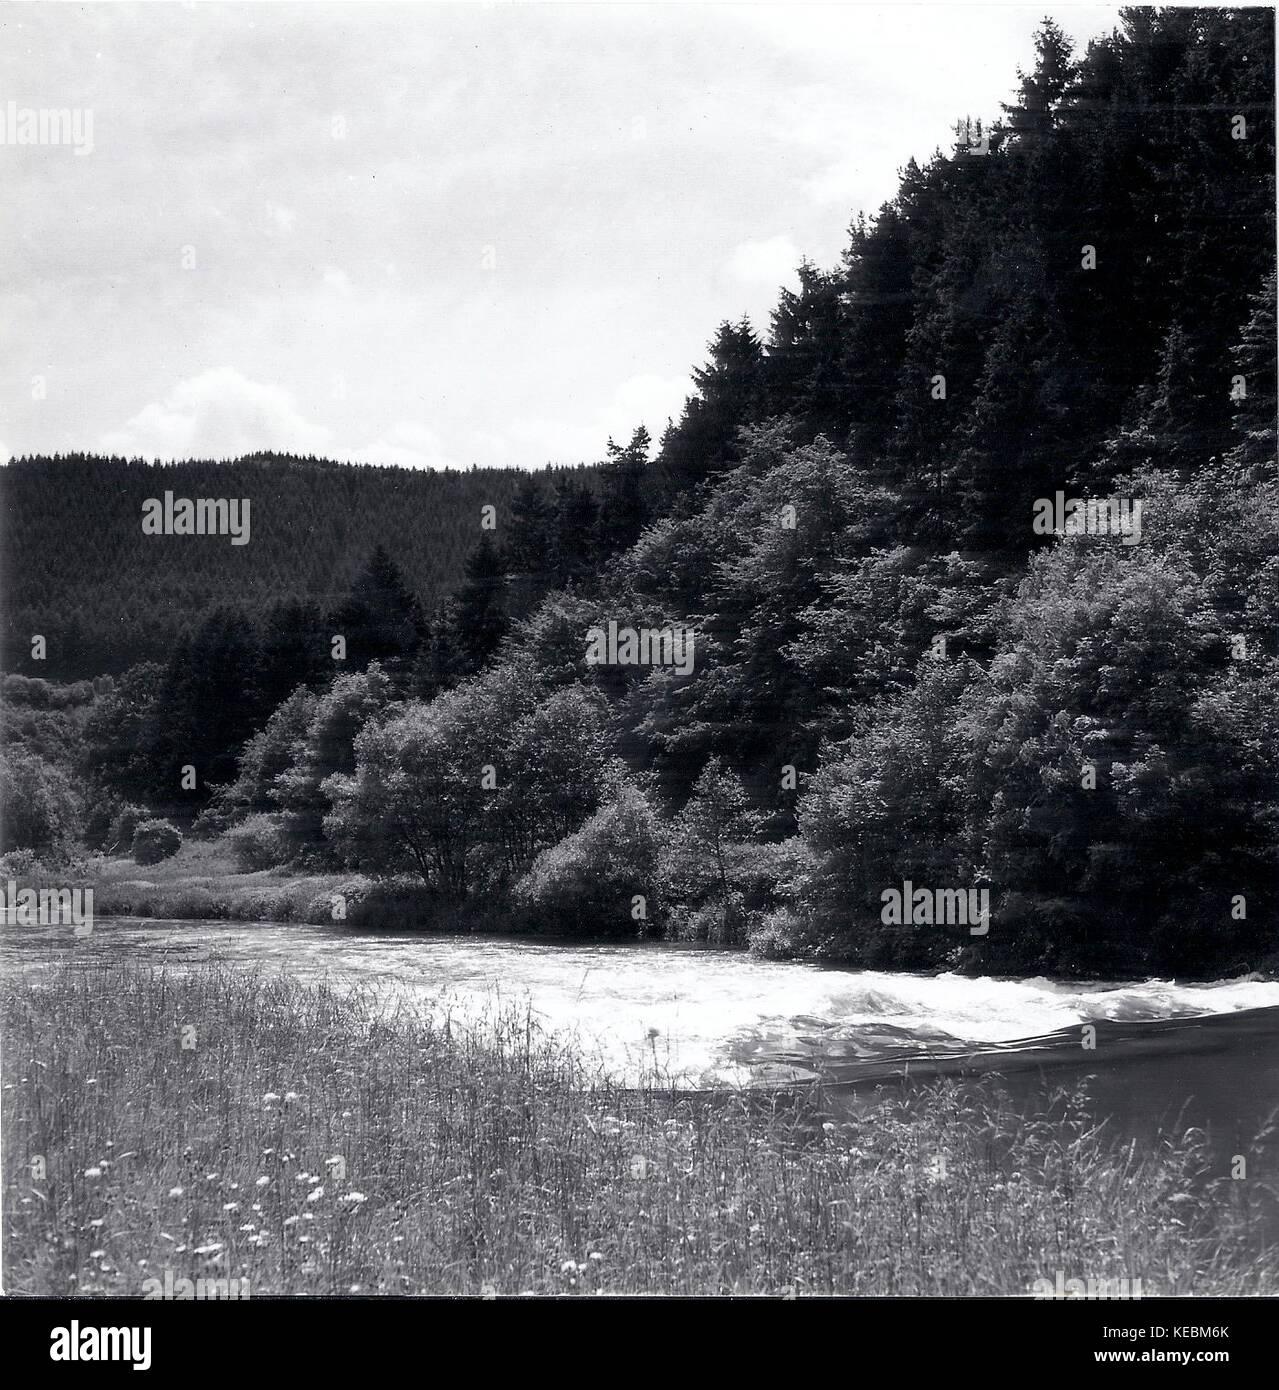 Landschaftsaufnahmen von Leopold Fiebing (* 1905, + 1993), einem deutschen  Landschafts- und Pressephotografen mit - Stock Image